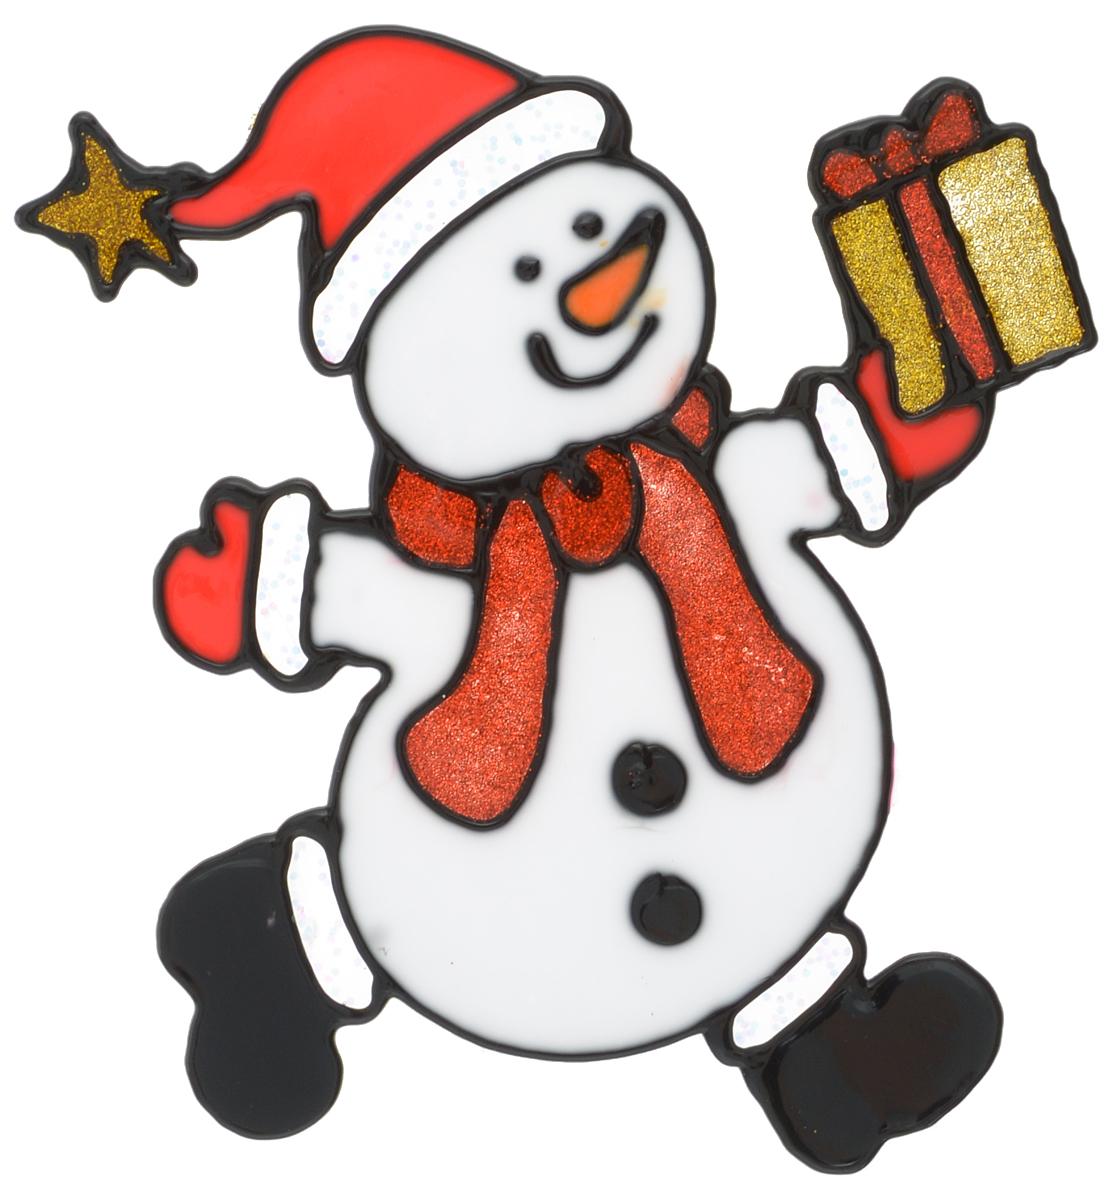 Наклейка на окно Erich Krause Сюрприз, 14,5 х 13,5 см38501Наклейка на окно Erich Krause Сюрприз выполнена в виде снеговика с подарком. С помощью больших витражных наклеек на окно Erich Krause можно составлять на стекле целые зимние сюжеты, которые будут радовать глаз, и поднимать настроение в праздничные дни! Так же Вы можете преподнести этот сувенир в качестве мини-презента коллегам, близким и друзьям с пожеланиями счастливого Нового Года! Размер наклейки: 14,5 х 13,5 см